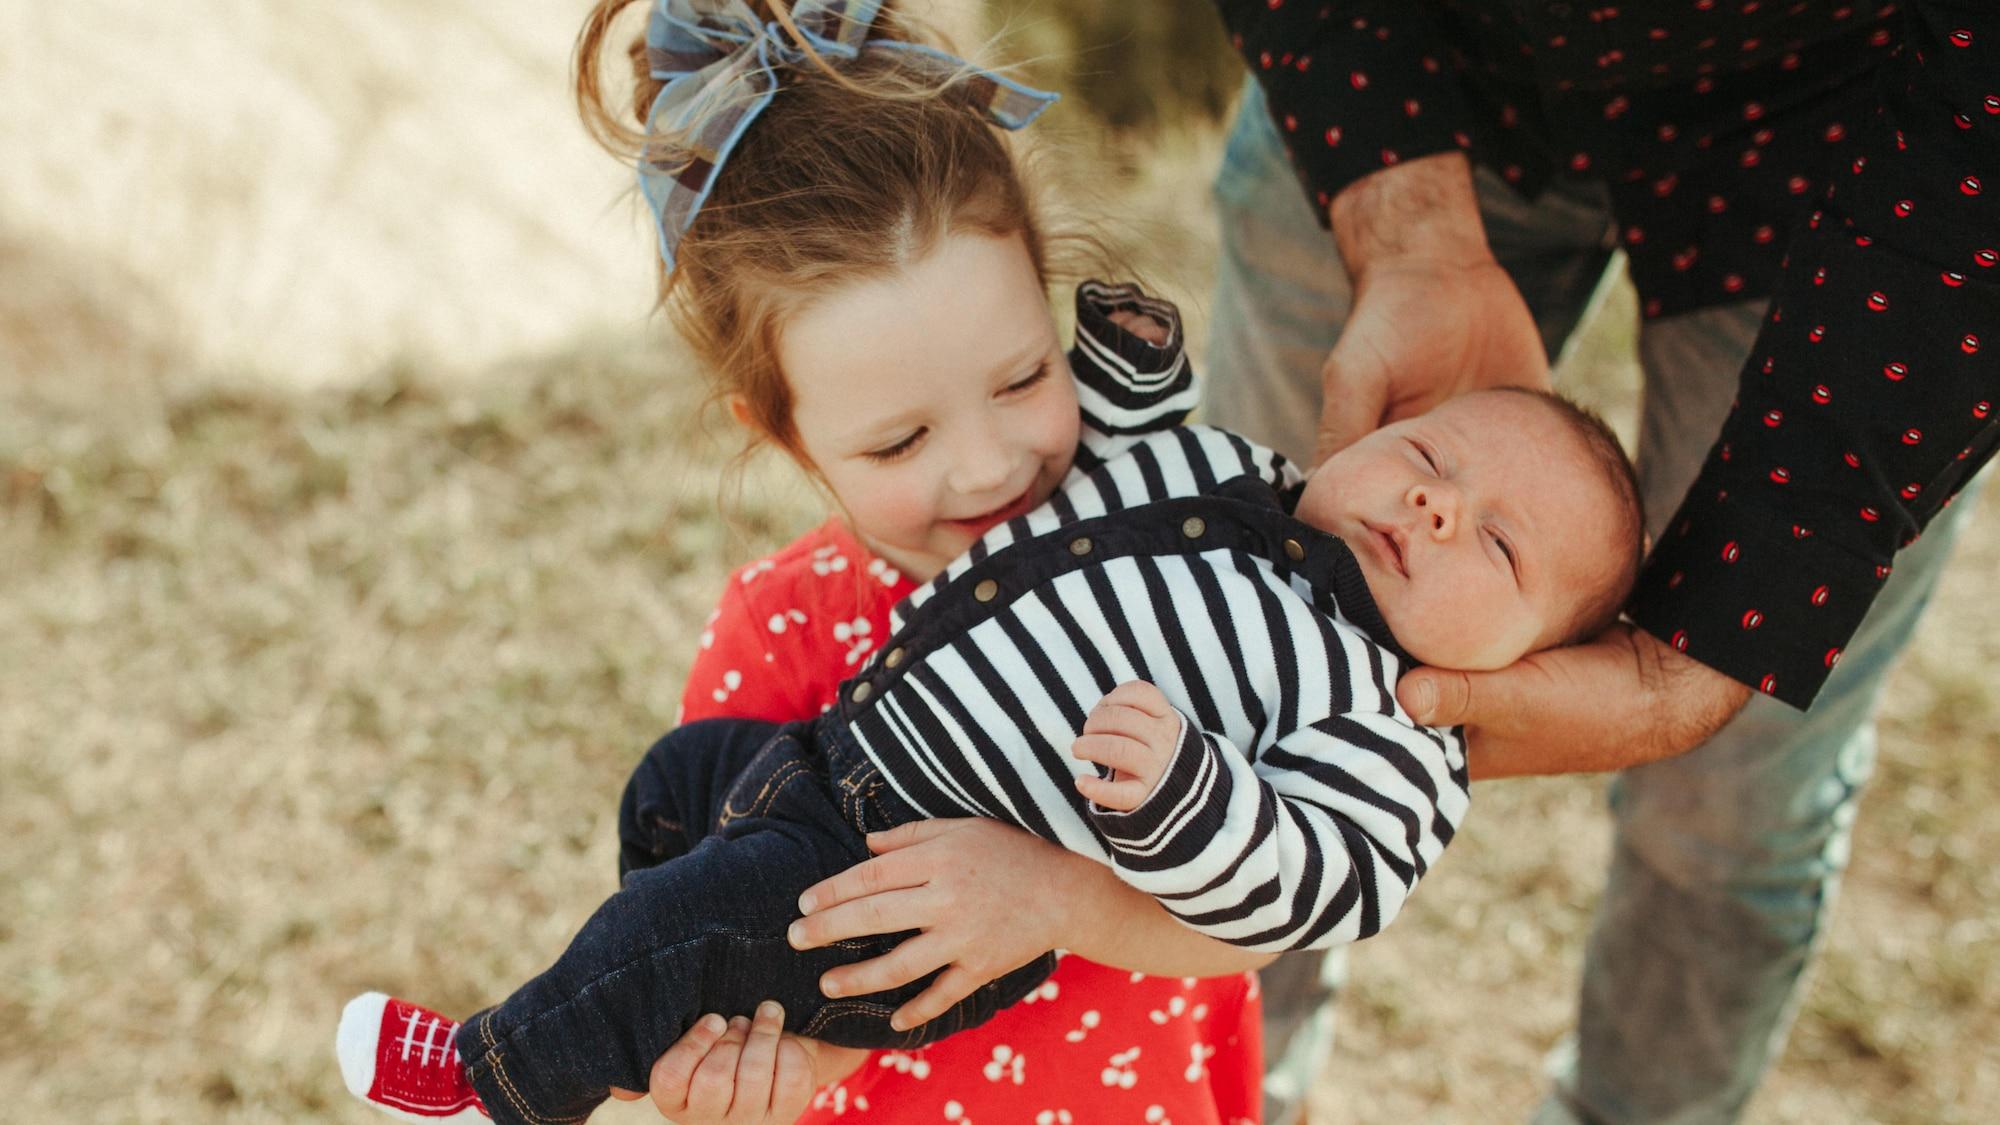 La fille de Manuel Osborne-Paradis, Sloane, tient son petit frère Toby dans ses bras.